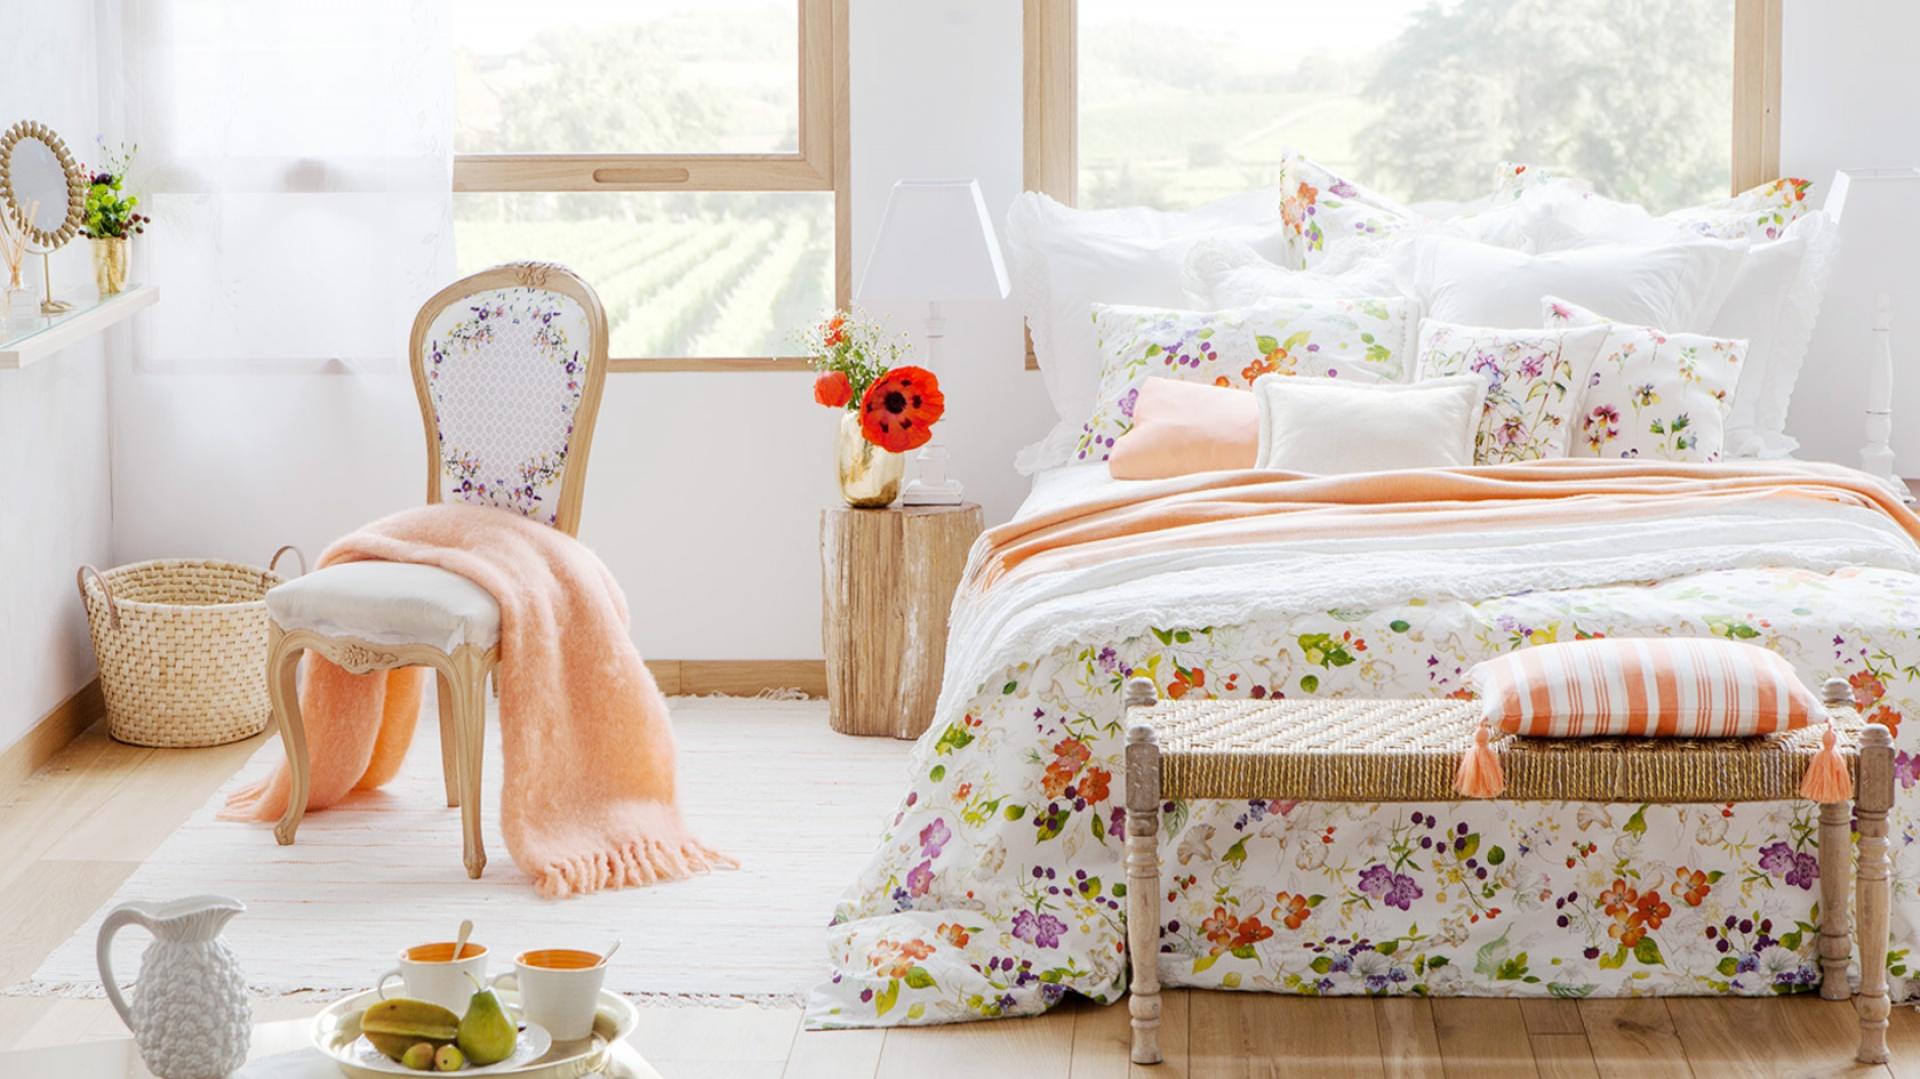 Kwiatki to sprawdzony motyw w kobiecej sypialni. Drobne nadadzą wnętrzu delikatności, zaś duże zdecydowanego charakteru. Fot. Zara Home.